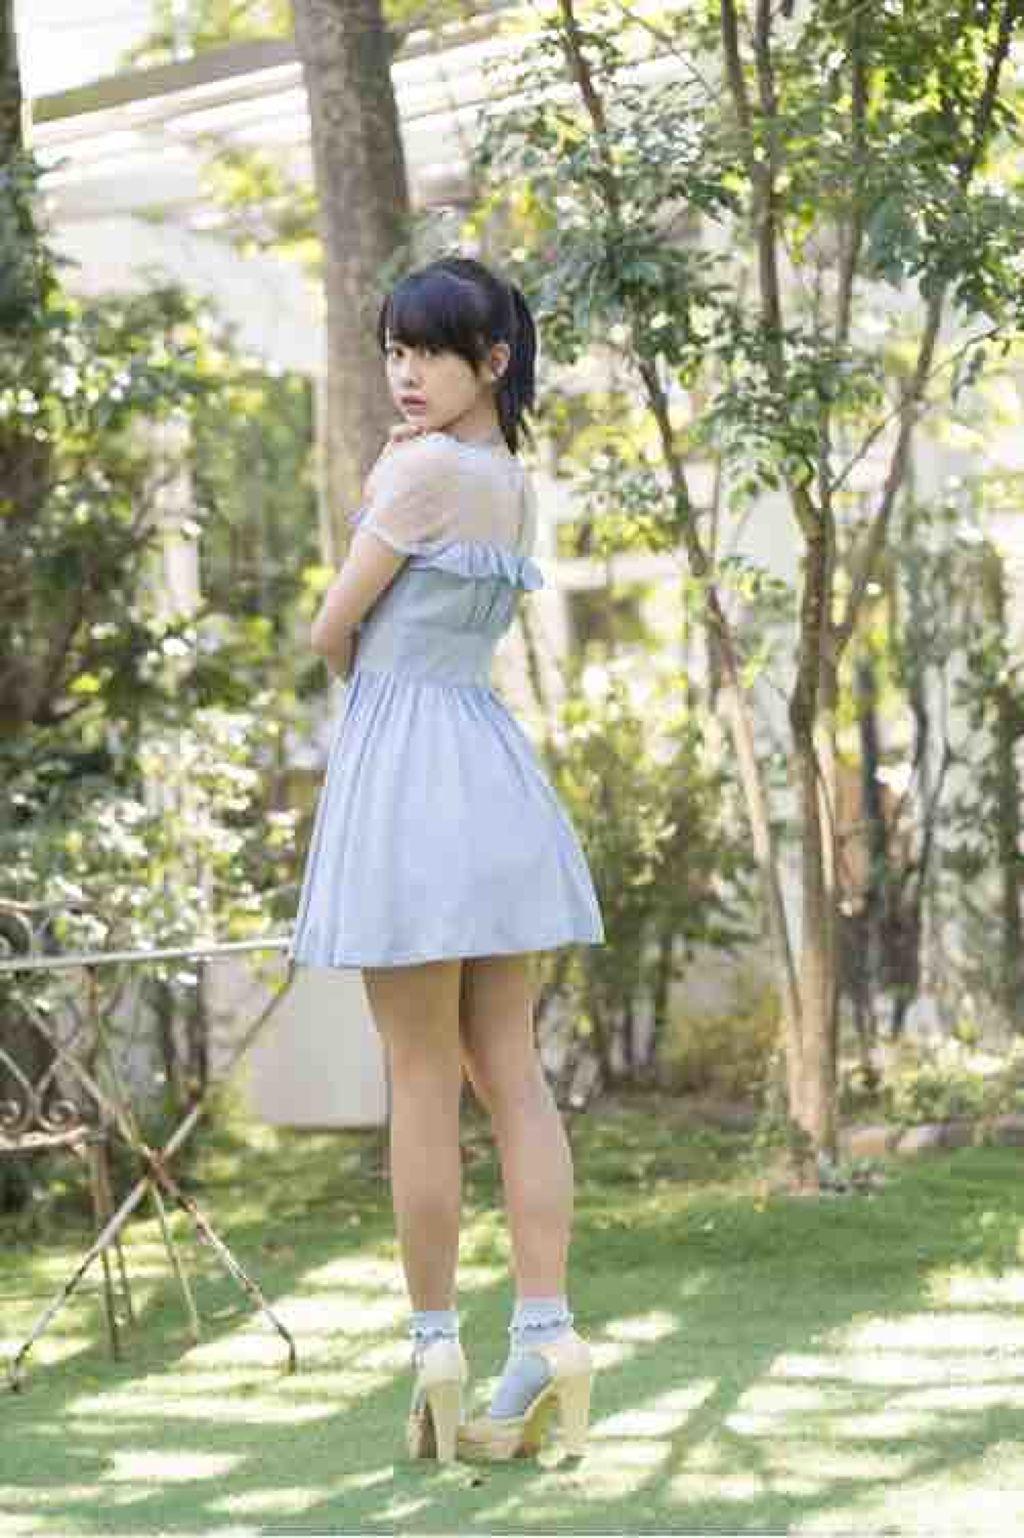 shiny_hooono